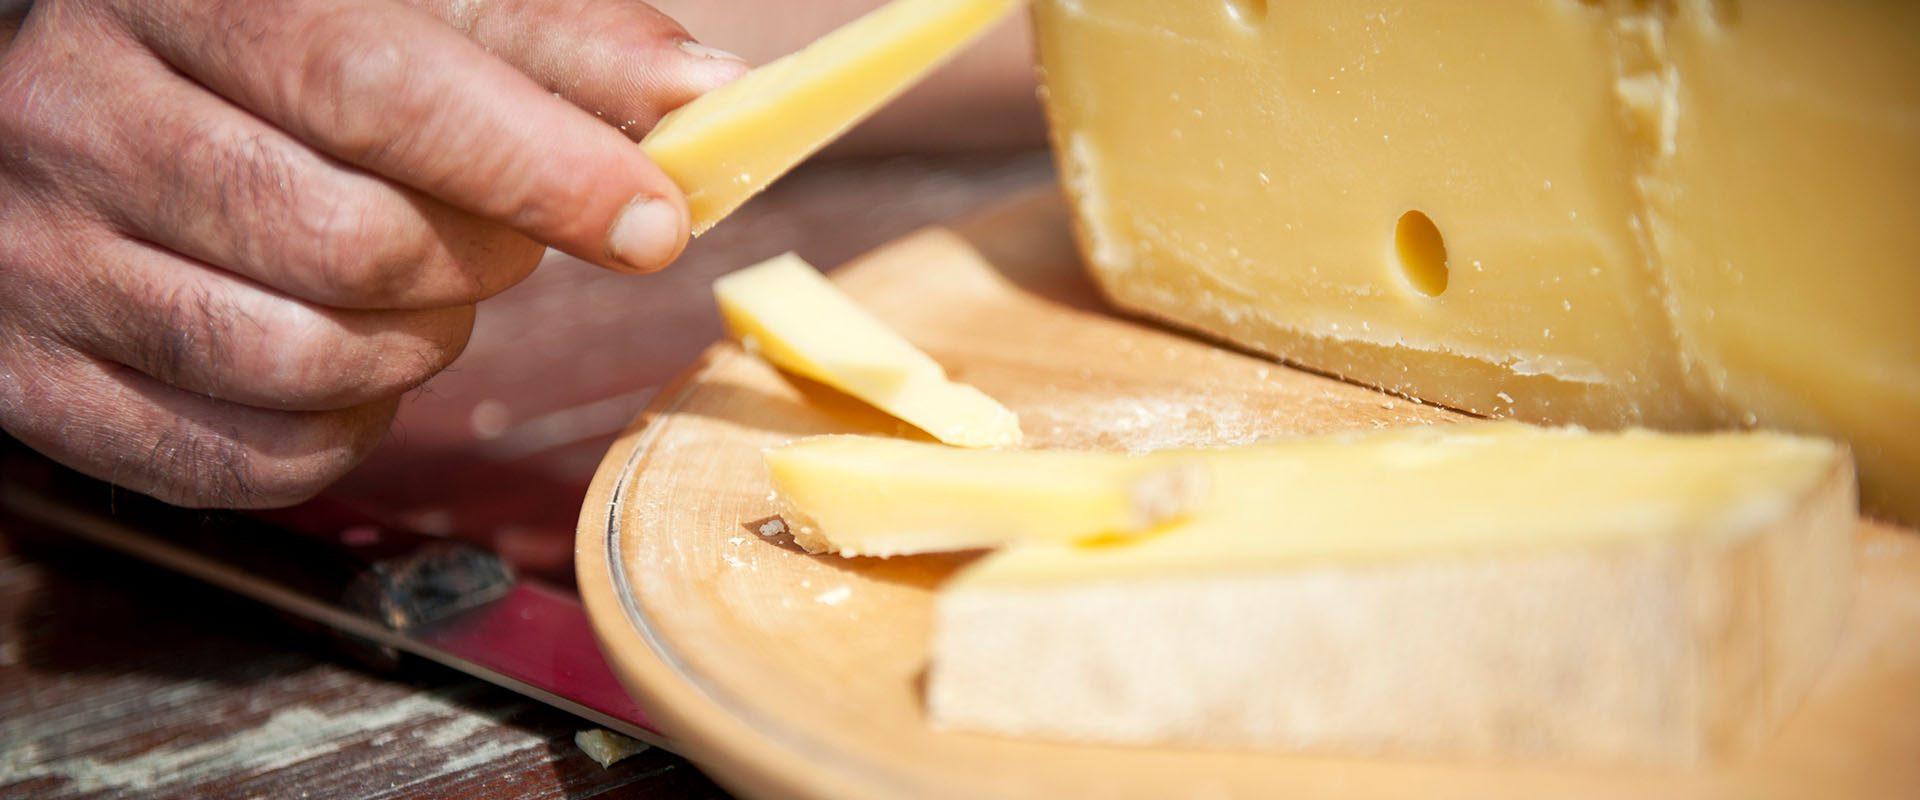 Traditionelle Käserei - Käse- und Milchprodukte